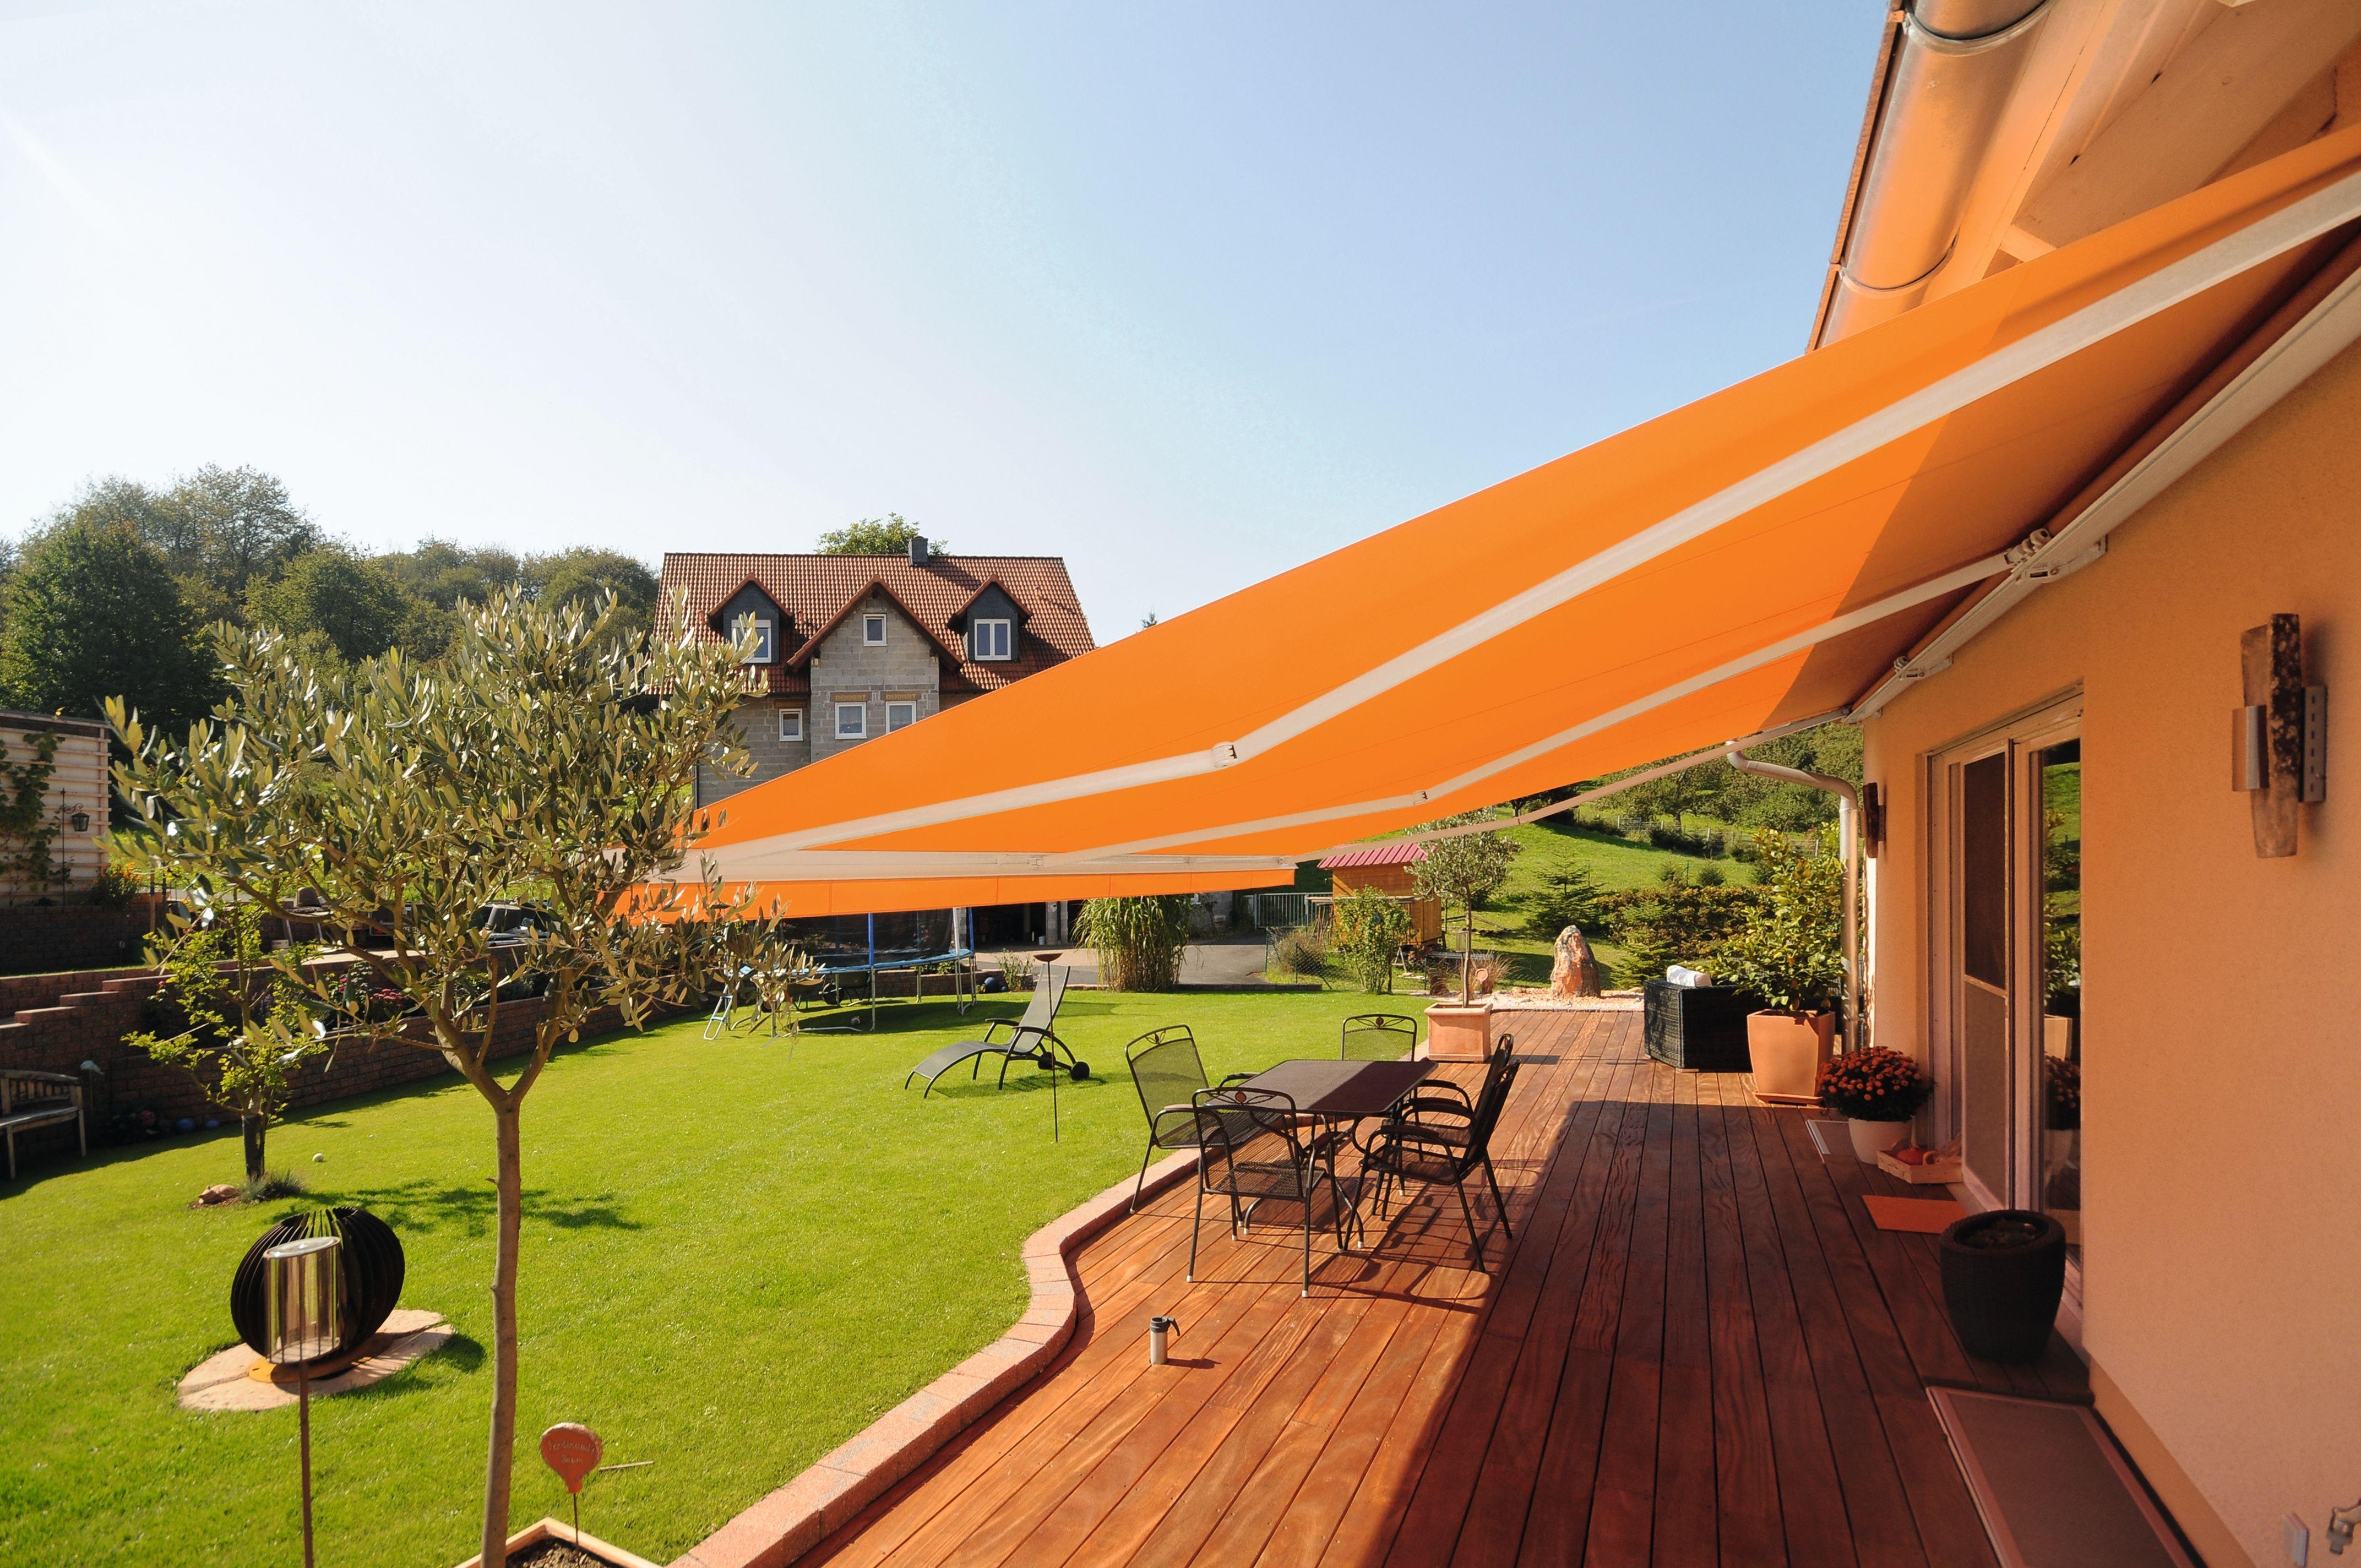 Απολαύστε τον κήπο σας με το σύστημα σκίασης Markilux 5010!